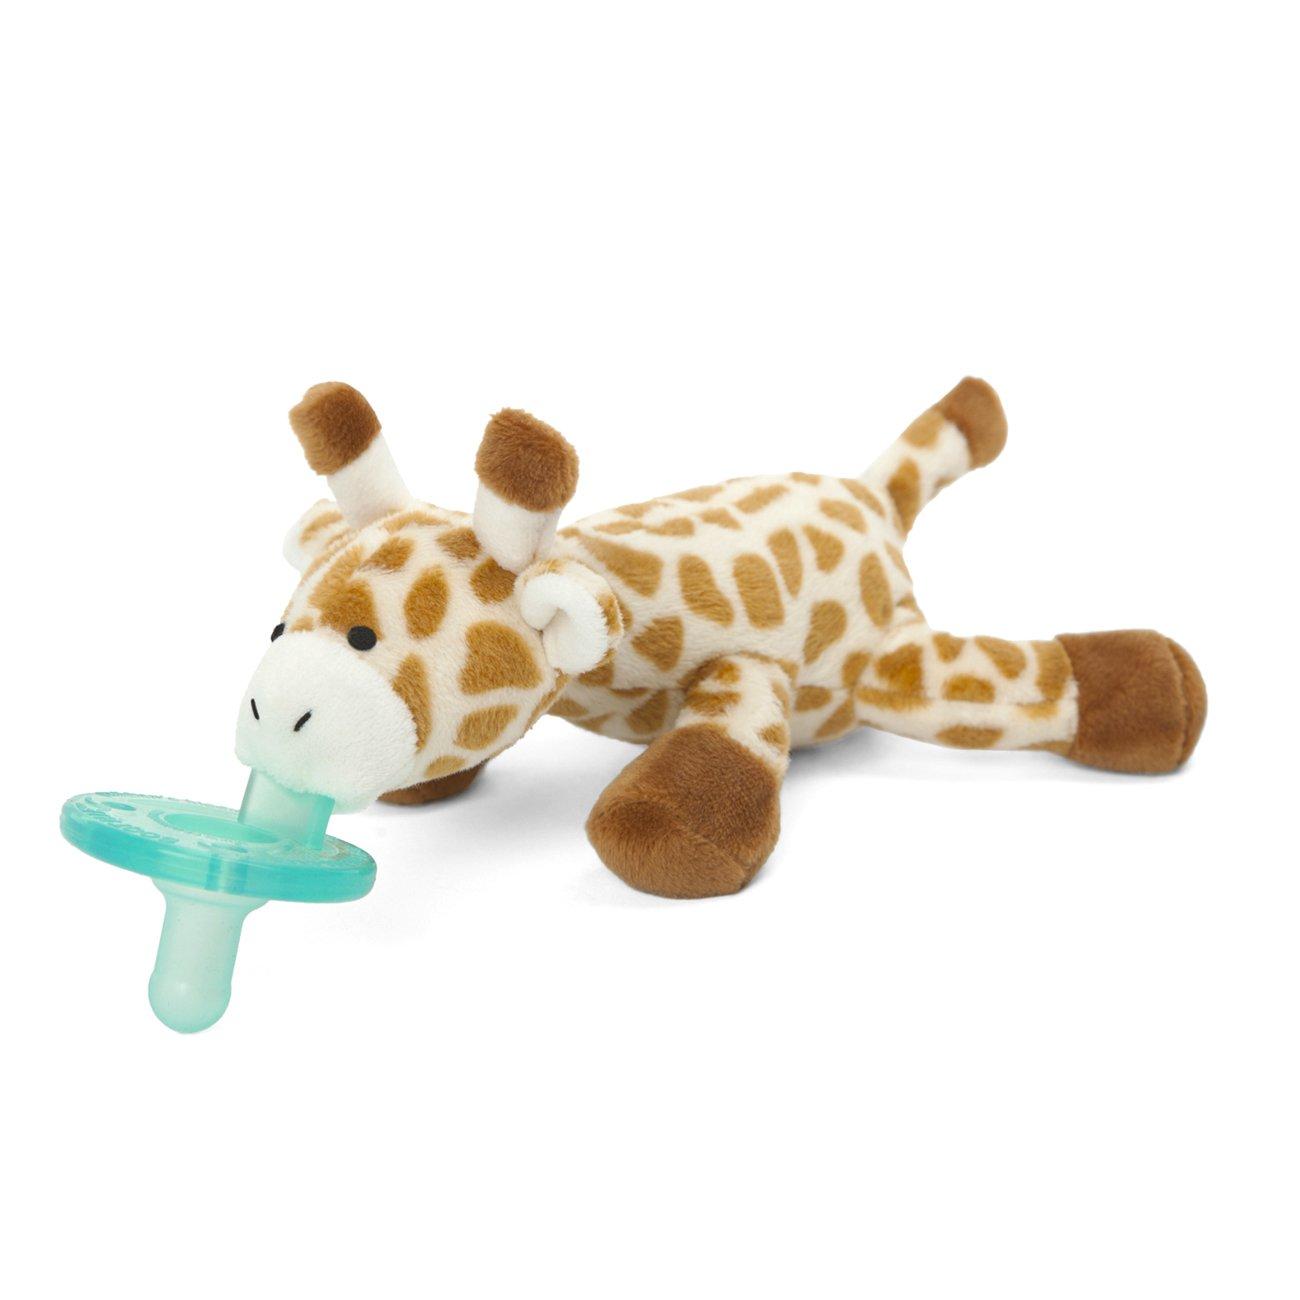 WubbaNub Infant Pacifier - Giraffe by WubbaNub (Image #2)